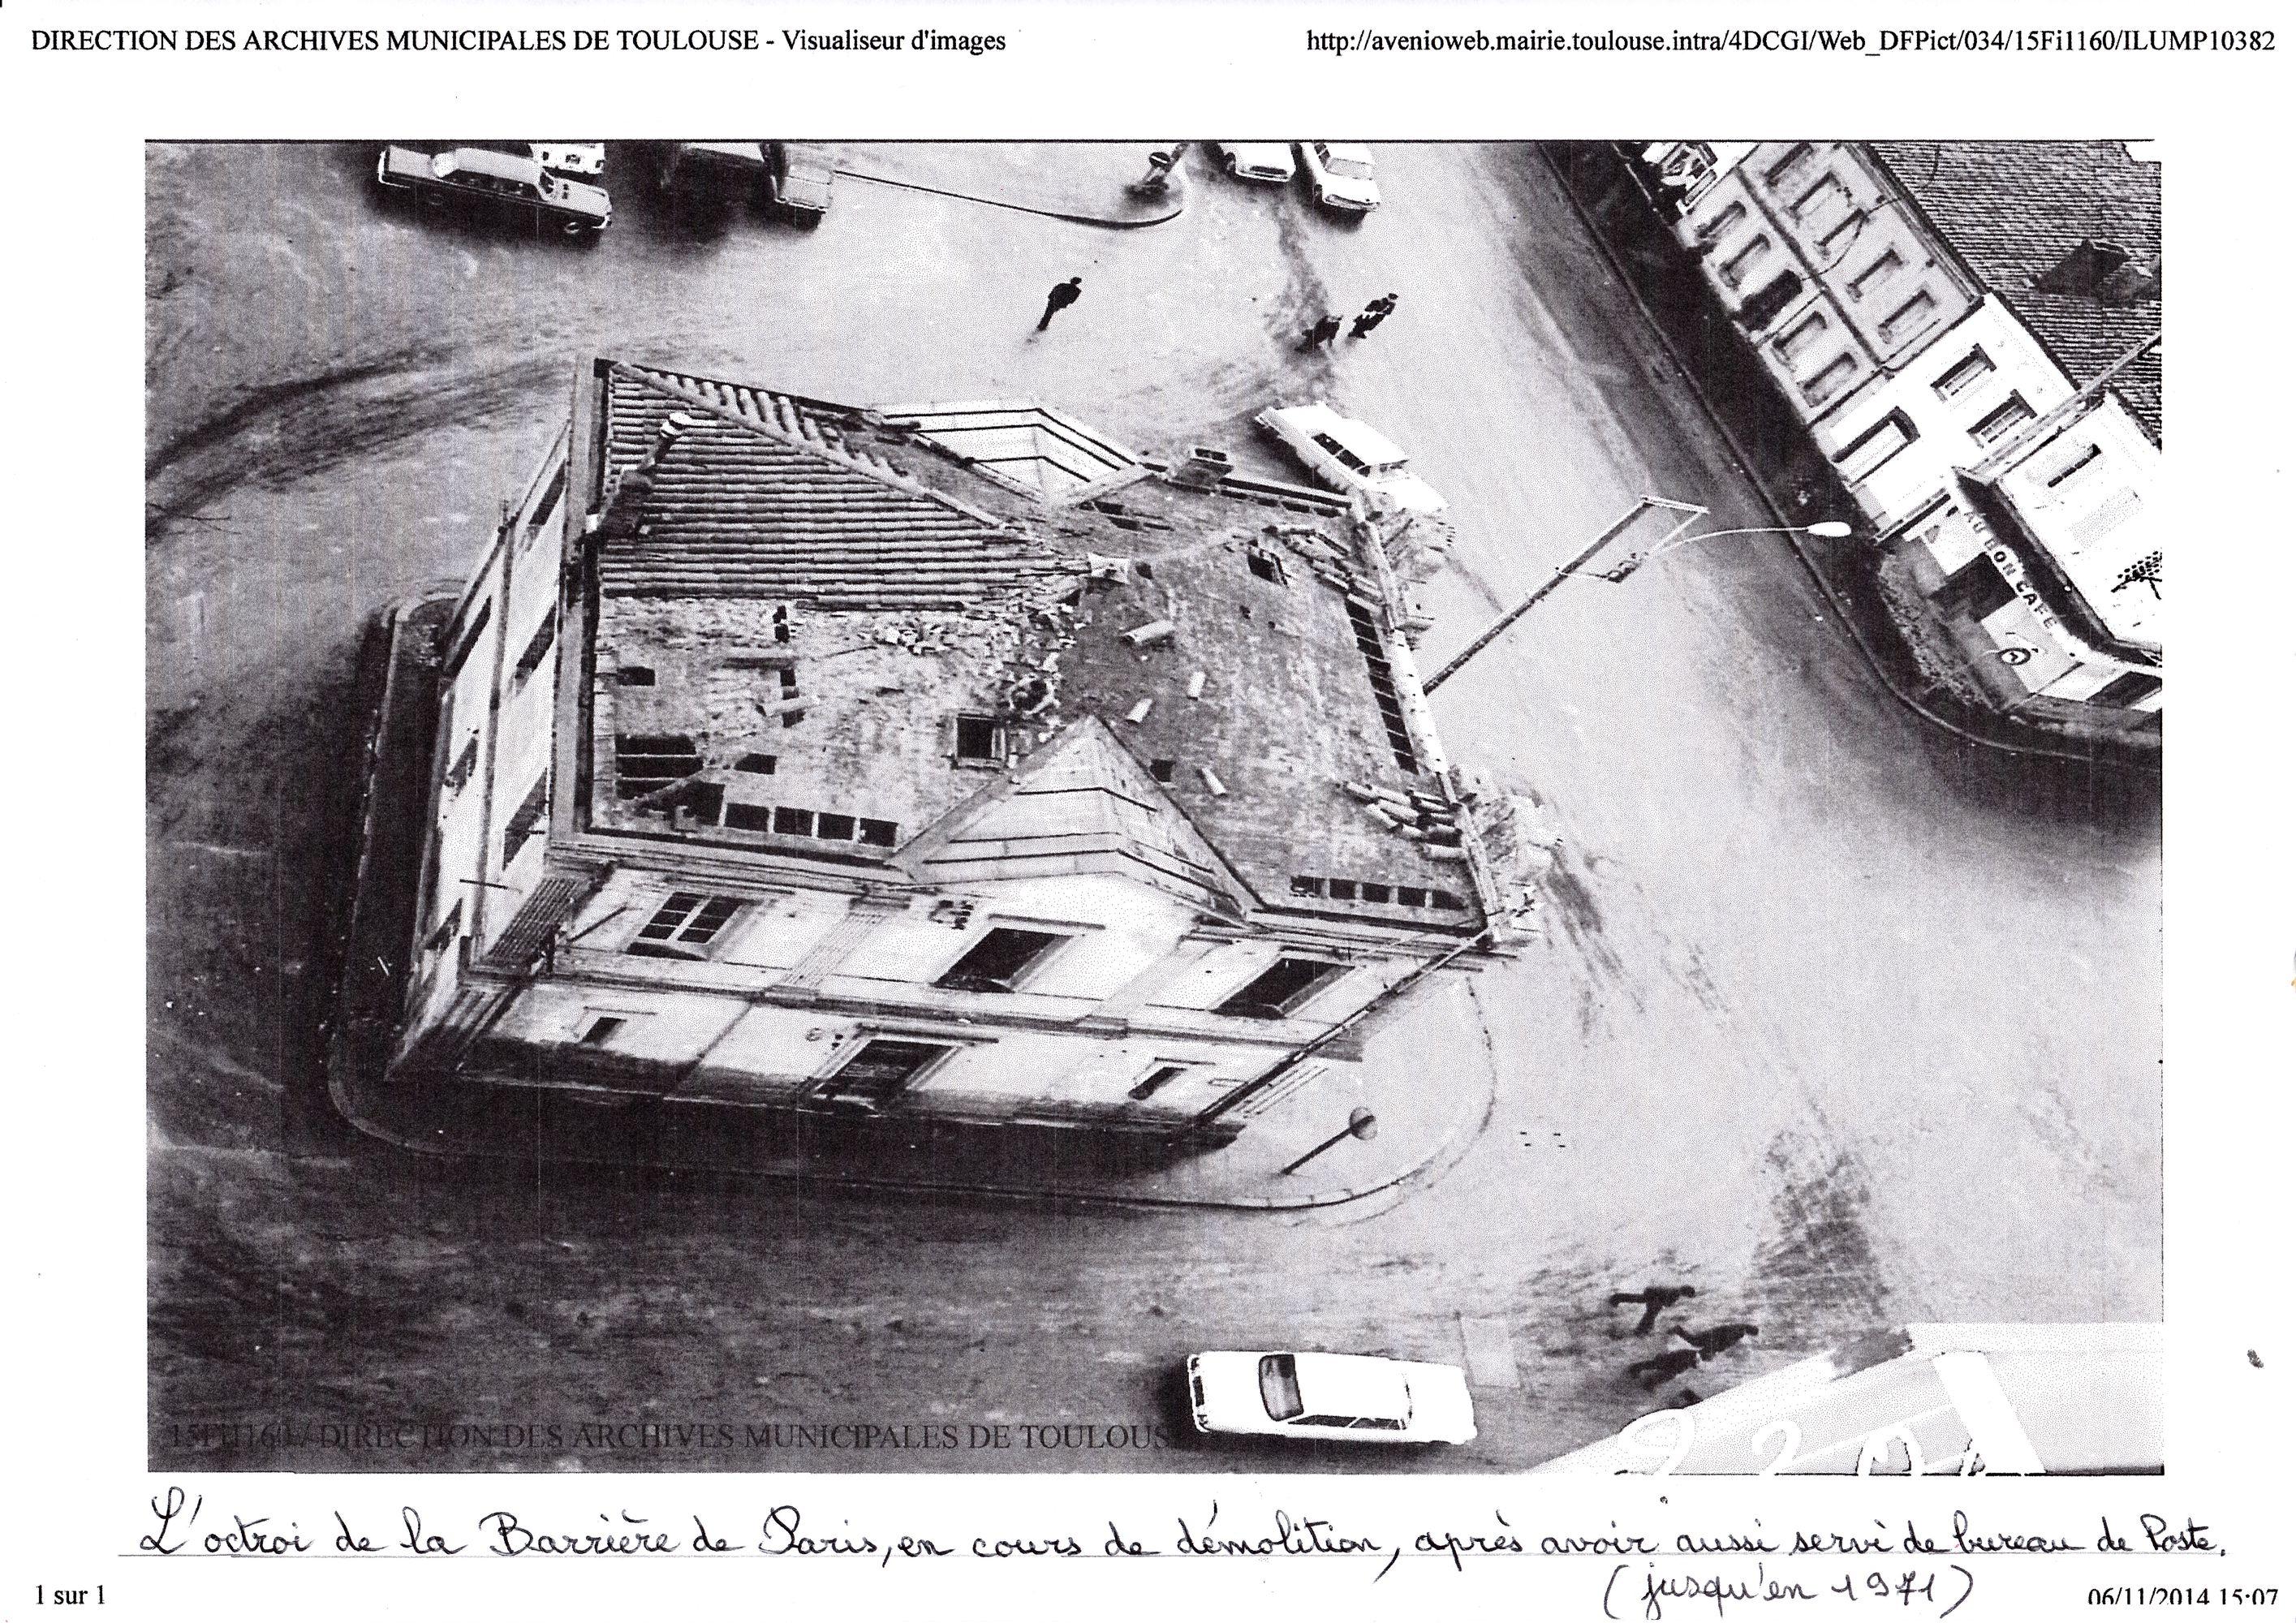 l'Octroi de la Barrière de Paris démolition 1971_R2